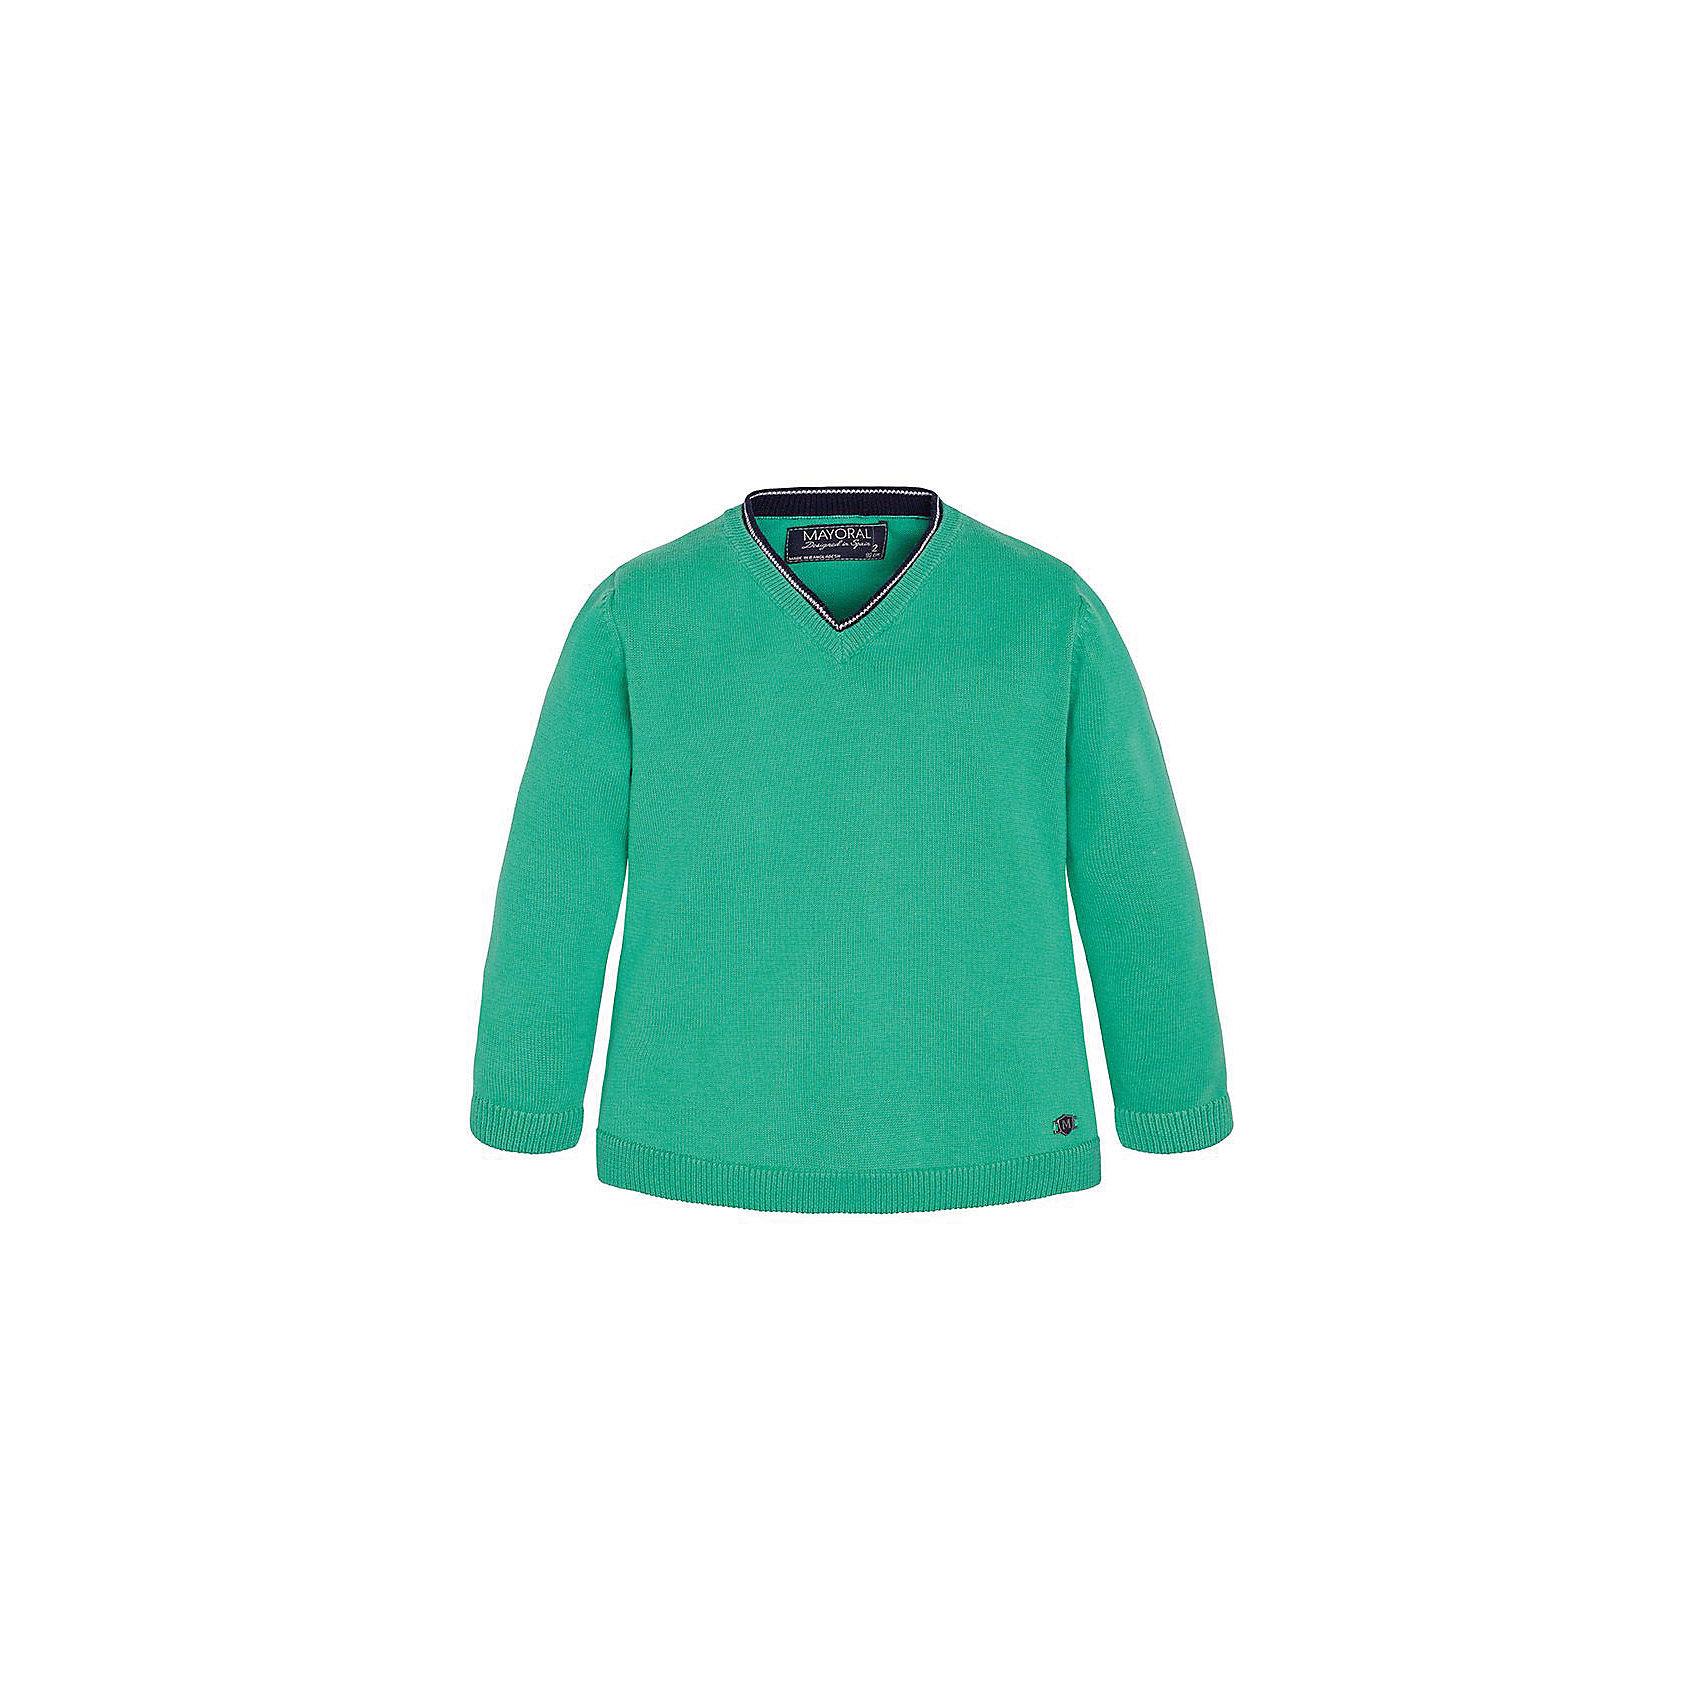 Свитер для мальчика MayoralСвитер для мальчика от известной испанской марки Mayoral <br><br>Модный яркий свитер от Mayoral актуален и на каждый день и на праздник! Он прекрасно сочетается с джинсами и брюками.  Модель выполнена из качественных материалов, отлично сидит по фигуре.<br><br>Особенности модели:<br><br>- цвет: зеленый;<br>- рукава длинные;<br>- отделка ворота;<br>- низ и конец рукавов - резинки;<br>- натуральный материал.<br><br>Дополнительная информация:<br><br>Состав: 100% хлопок<br><br>Свитер для мальчика Mayoral (Майорал) можно купить в нашем магазине.<br><br>Ширина мм: 190<br>Глубина мм: 74<br>Высота мм: 229<br>Вес г: 236<br>Цвет: зеленый<br>Возраст от месяцев: 24<br>Возраст до месяцев: 36<br>Пол: Мужской<br>Возраст: Детский<br>Размер: 98,104,110,122,128,134,116,92<br>SKU: 4541210